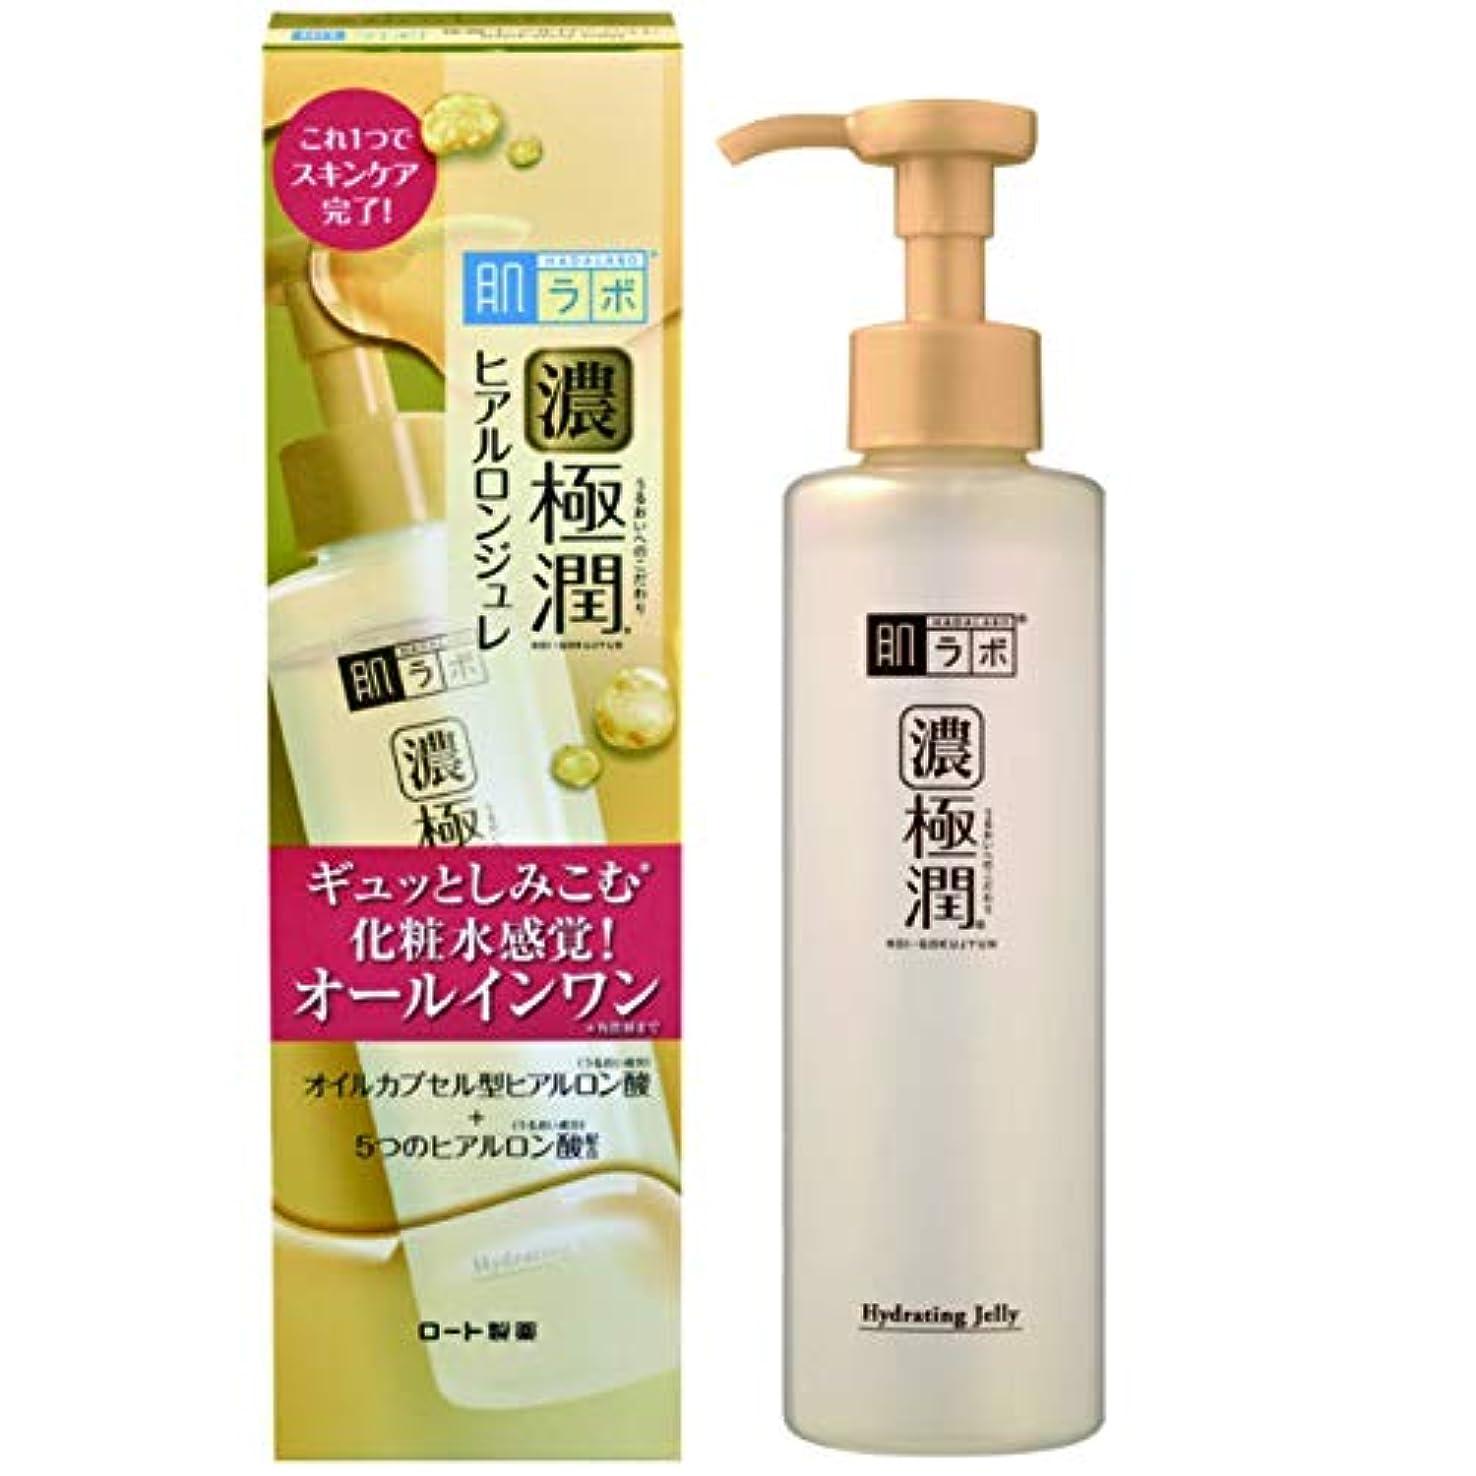 ラバミケランジェロプラスチック肌ラボ 極潤 ヒアルロンジュレ 美容液 無香料 180mL